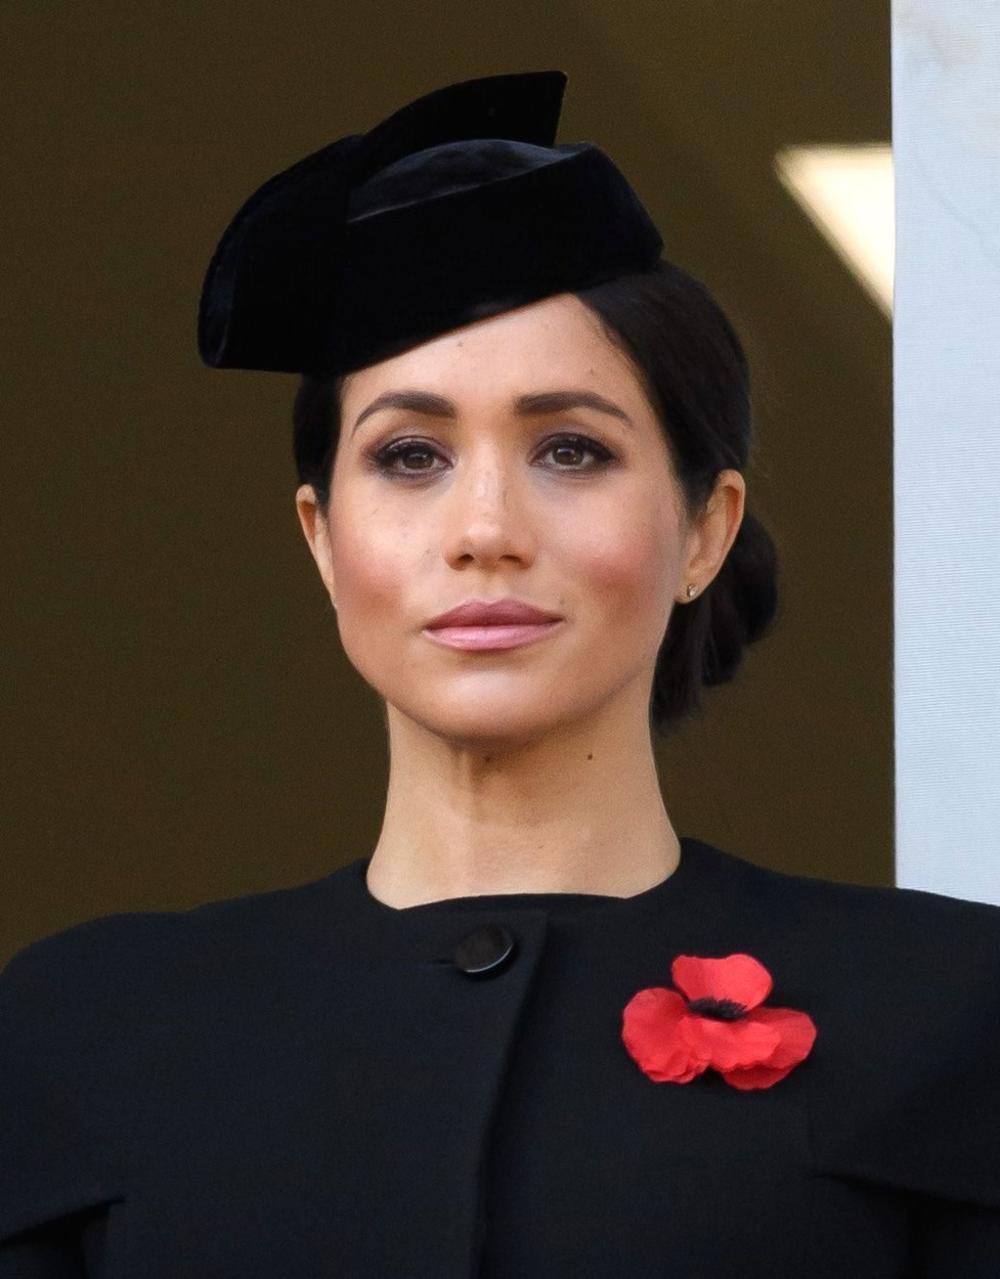 Žena koja je uzdrmala kraljevsku porodicu: Sve što niste znali o Megan Markl (39)! (FOTO)